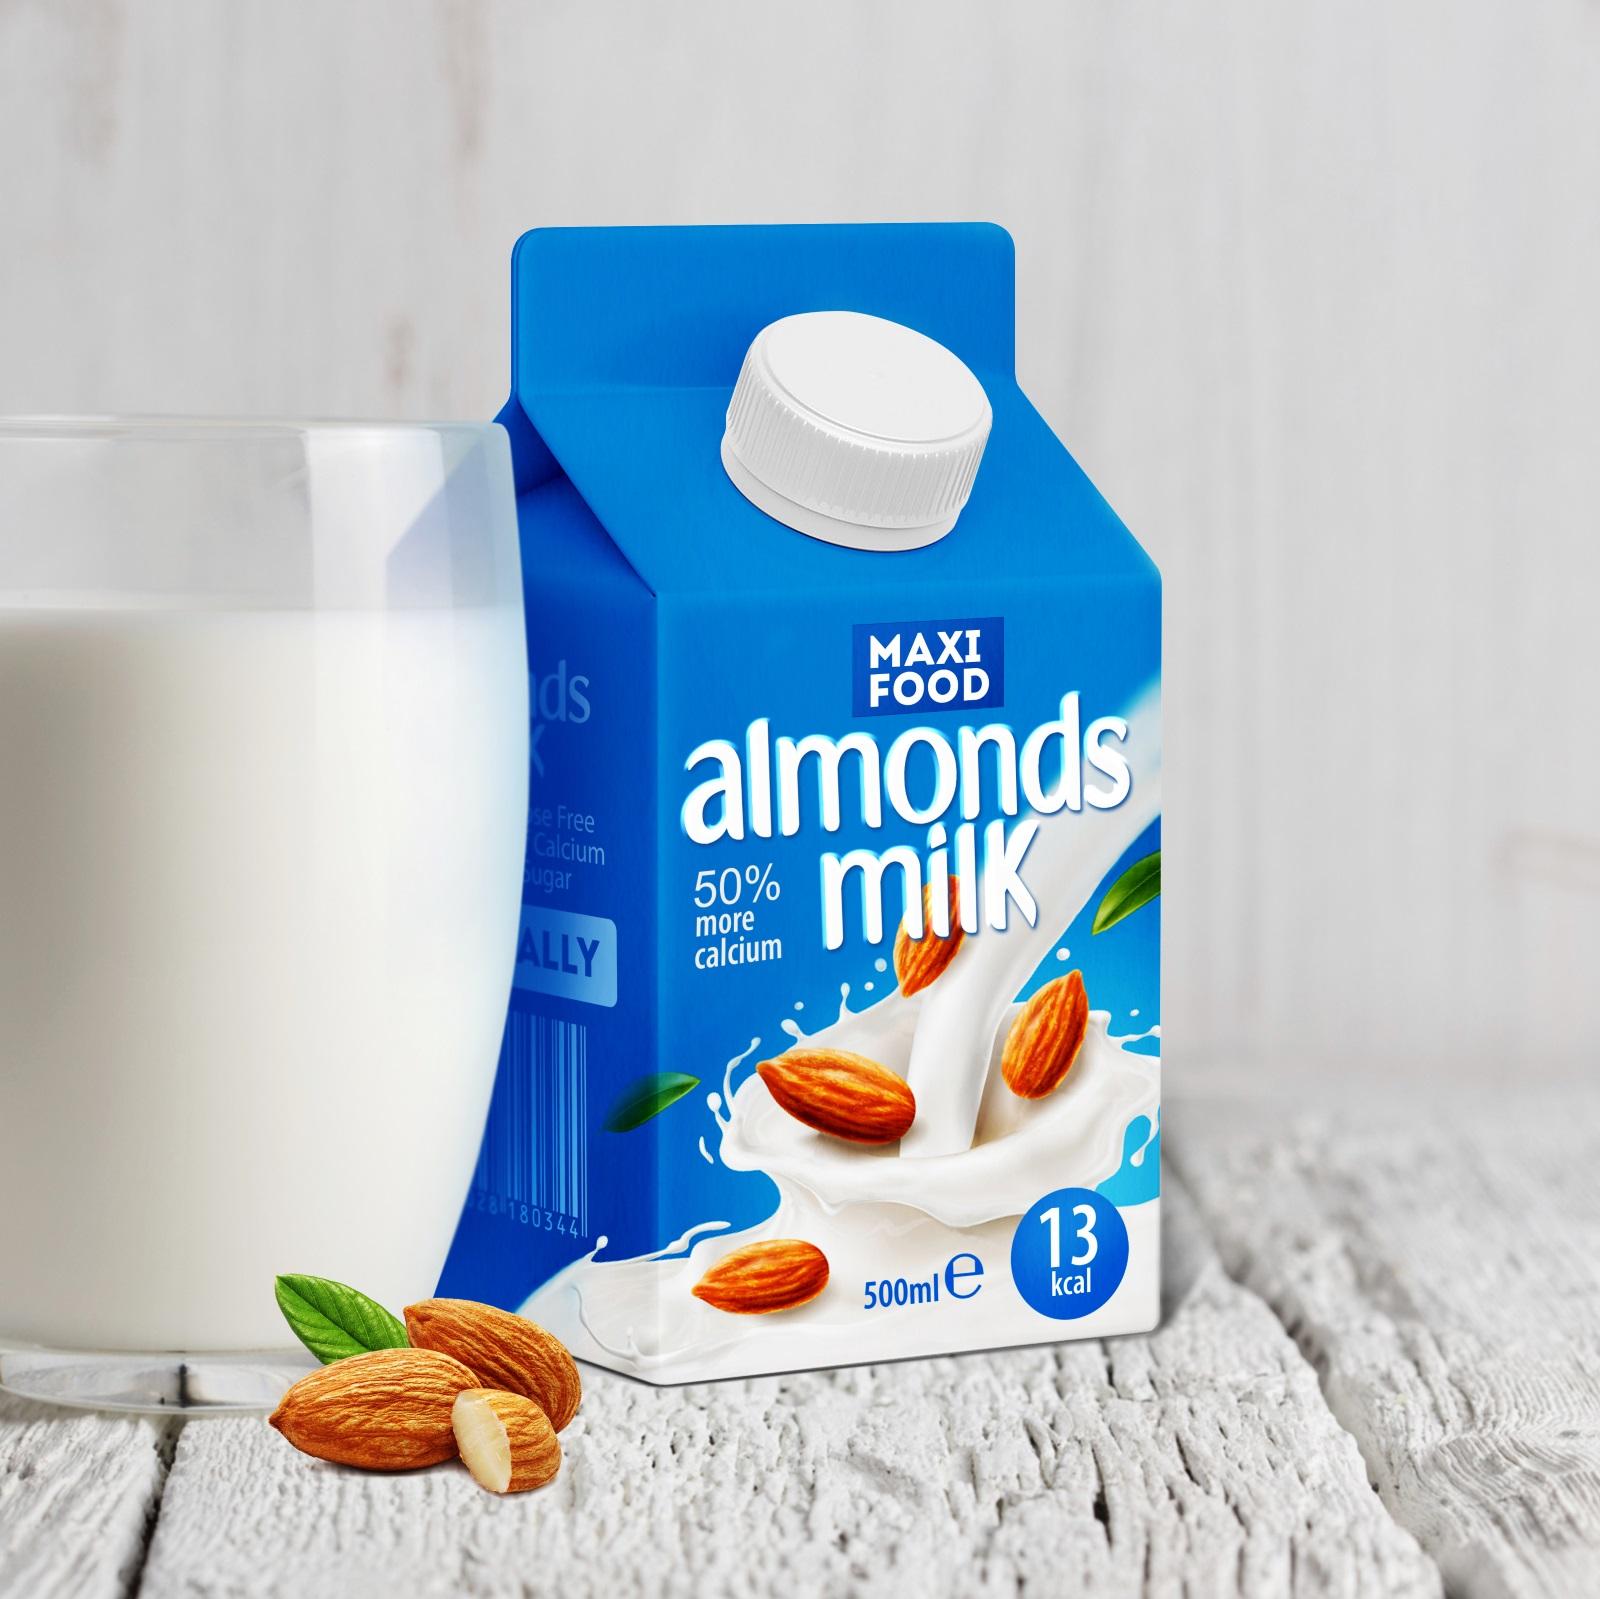 almonds_milk_Mockup